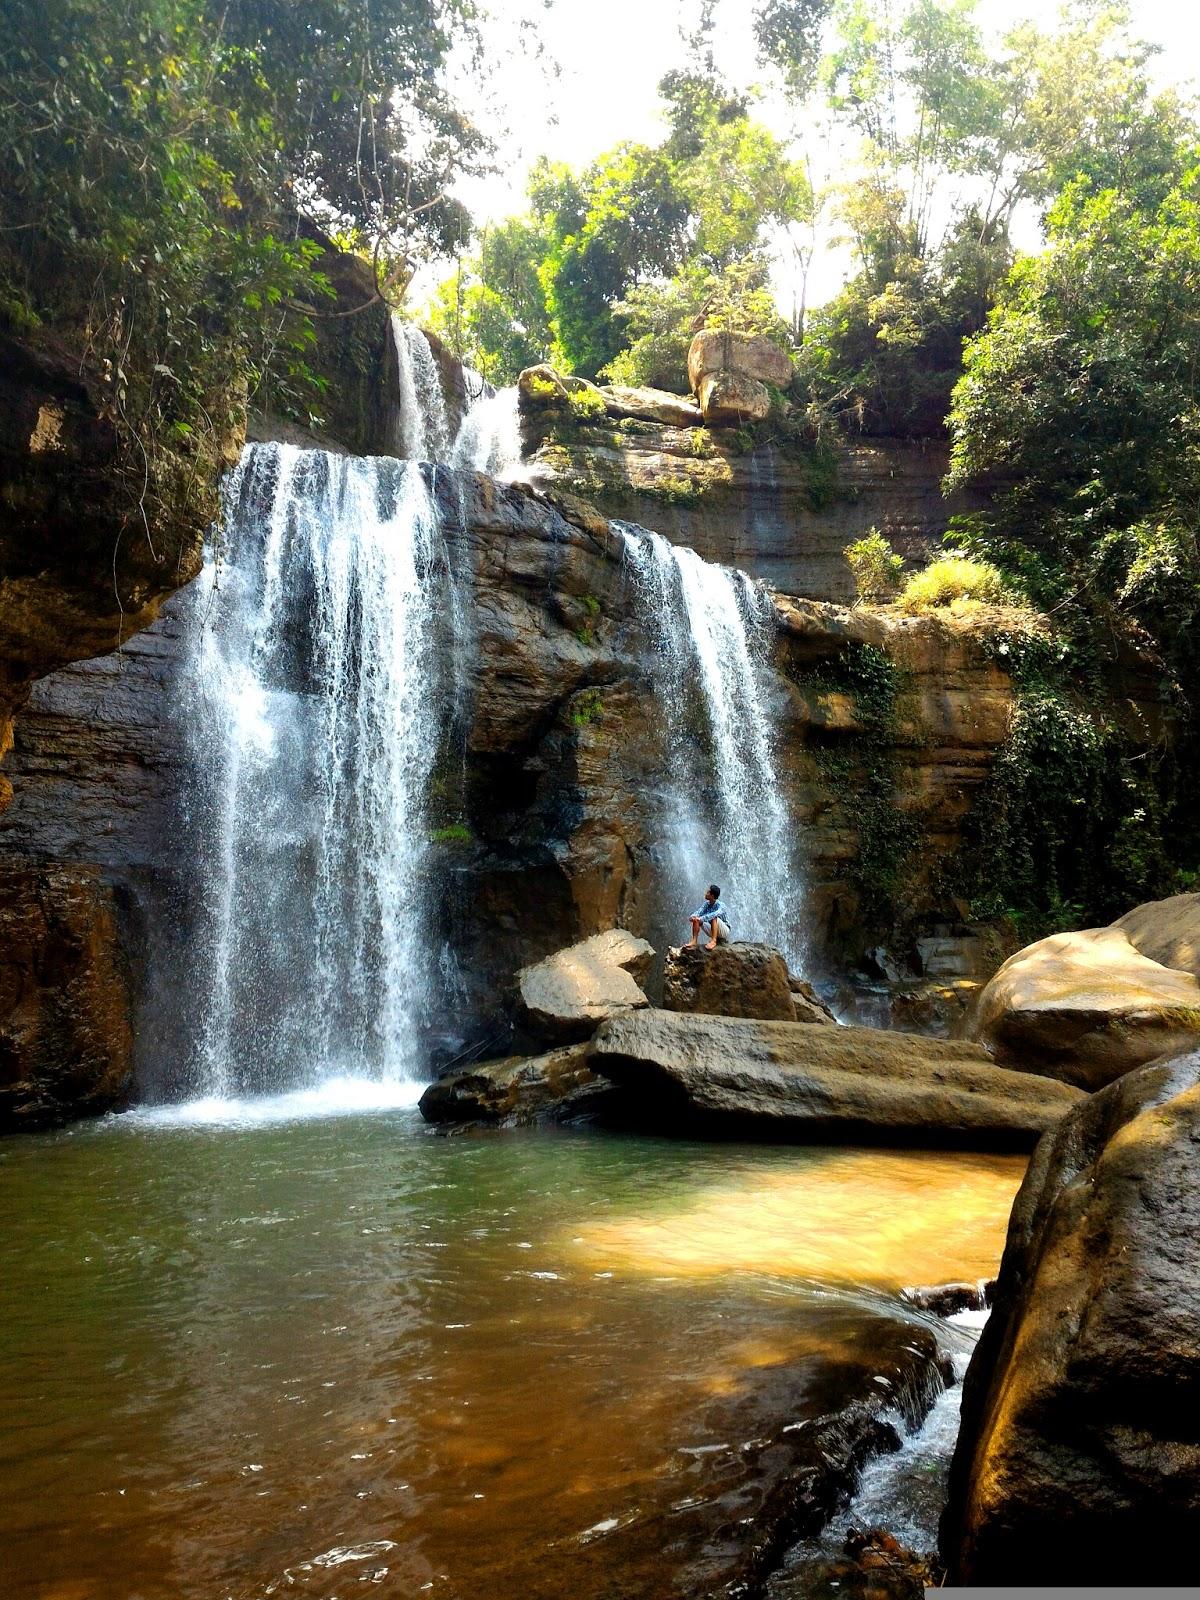 Menikmati keindahan alam di Coban Nirwana. Foto: fandy2134.blogspot.co.id